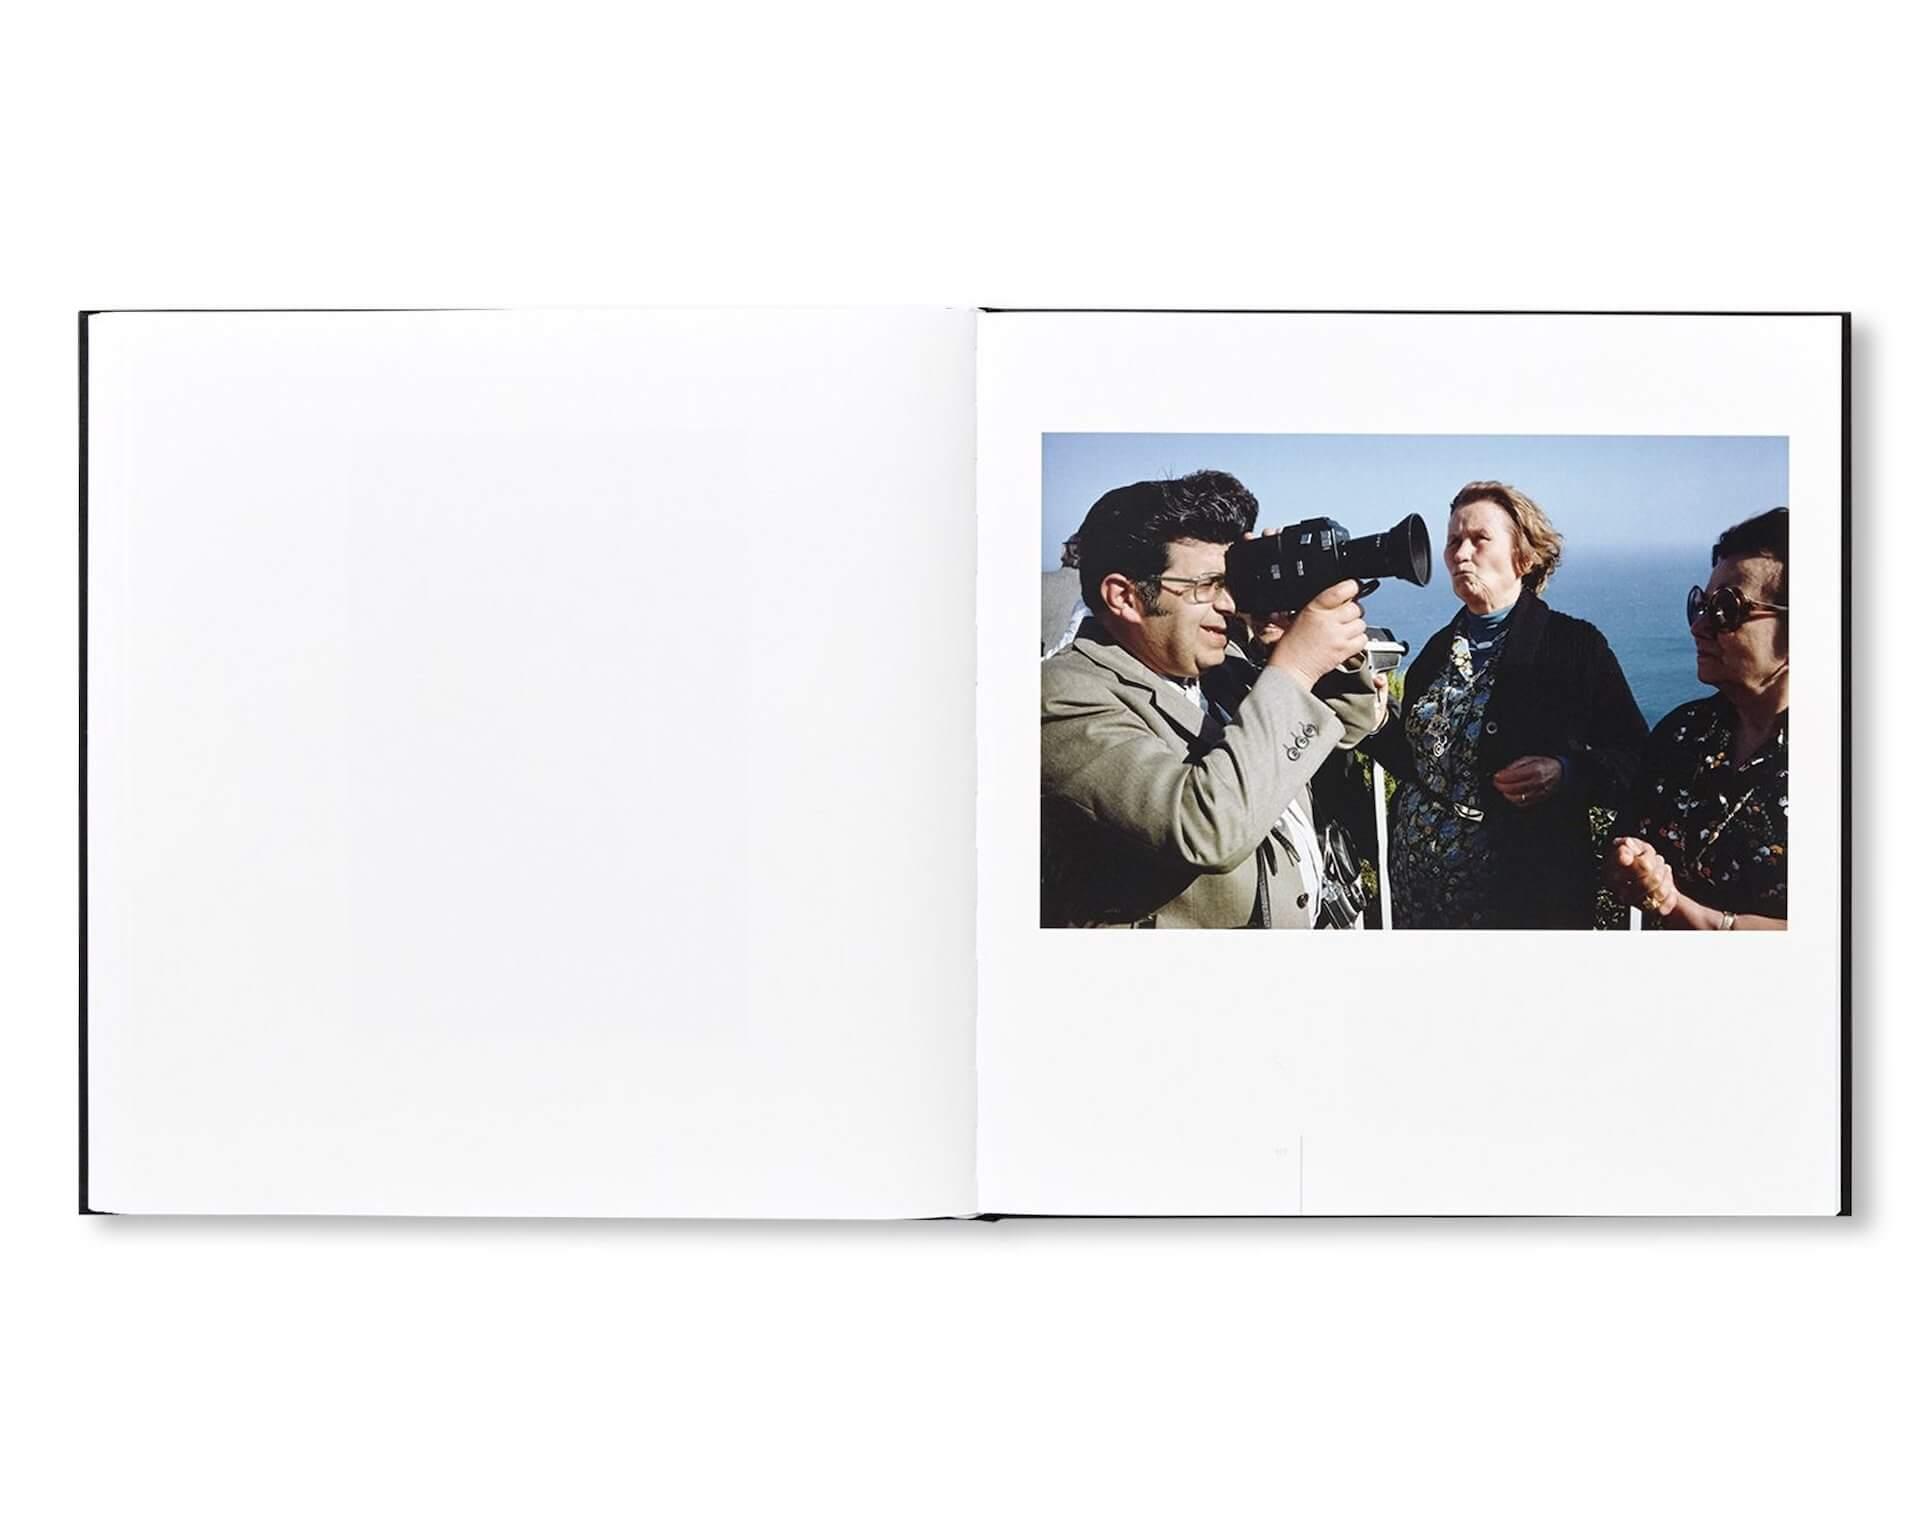 アートブックノススメ|Qetic編集部が選ぶ5冊/Roni Ahn 他 column210916_artbook-018